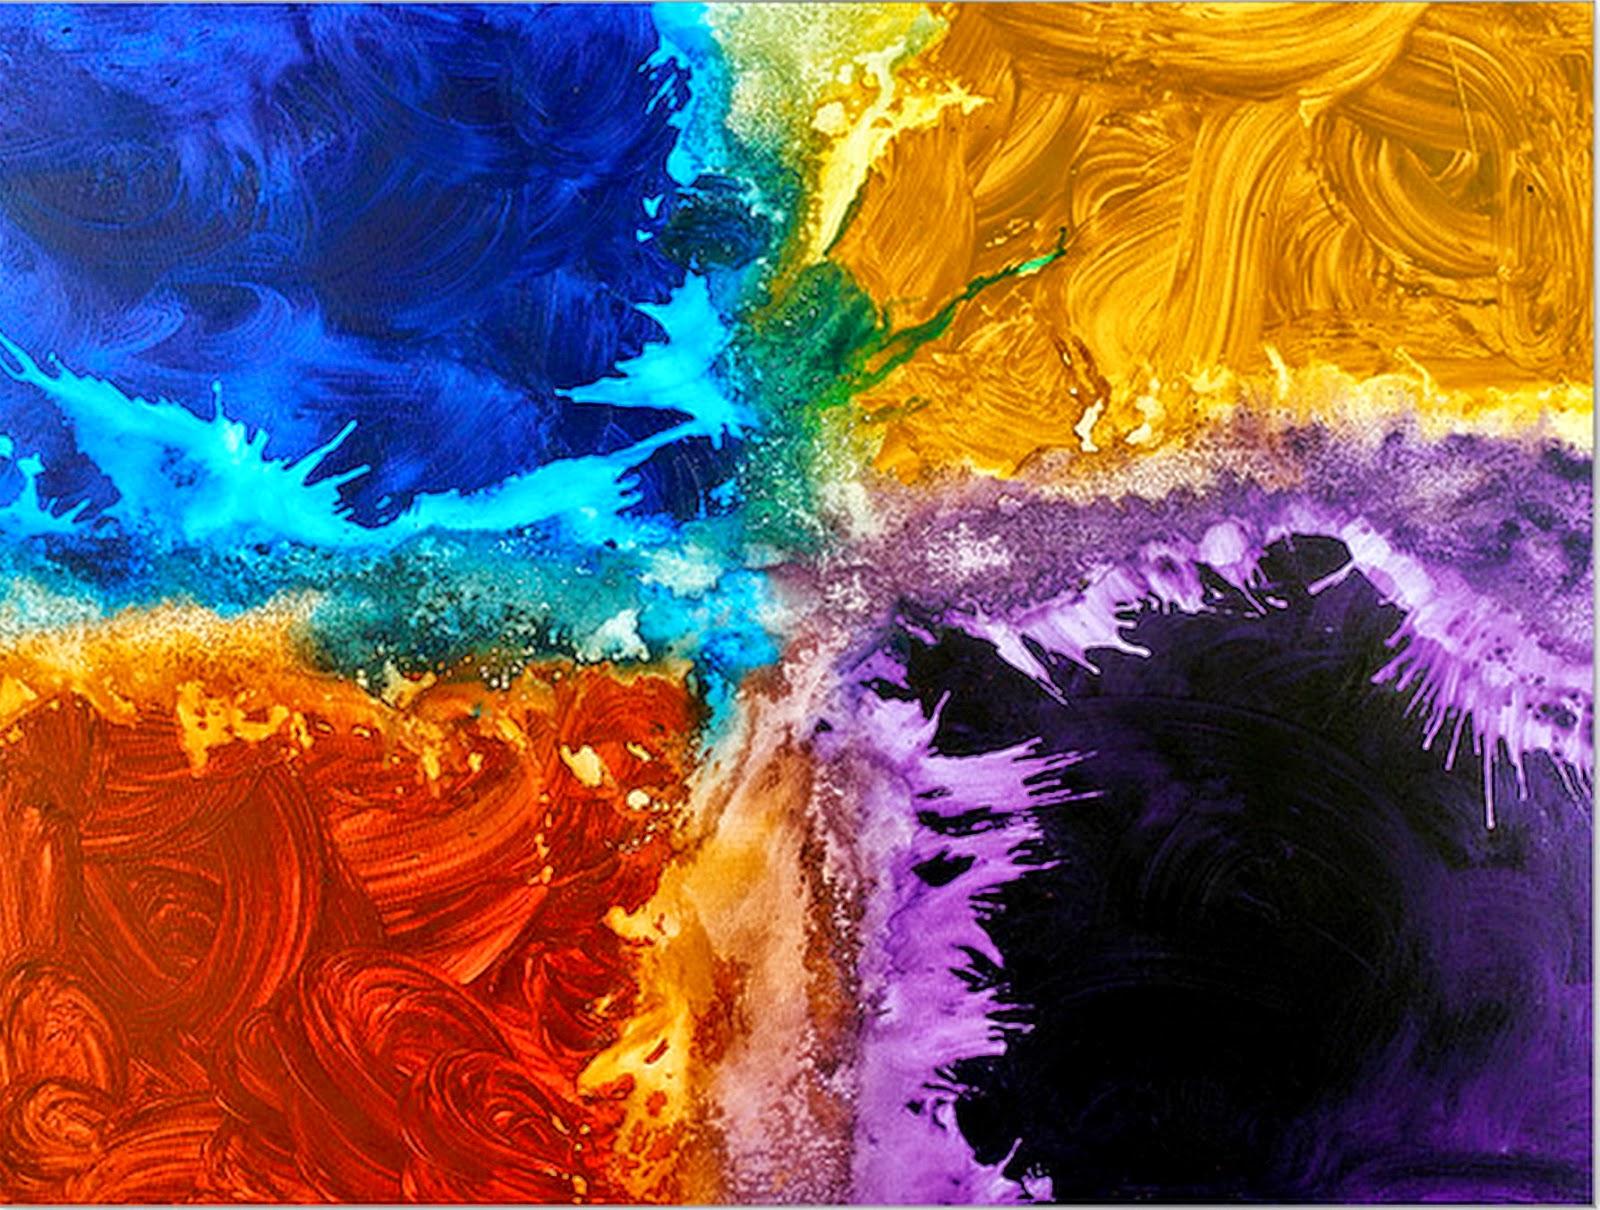 Cuadros modernos preciosos modernos y abstractos for Fotos de cuadros abstractos sencillos